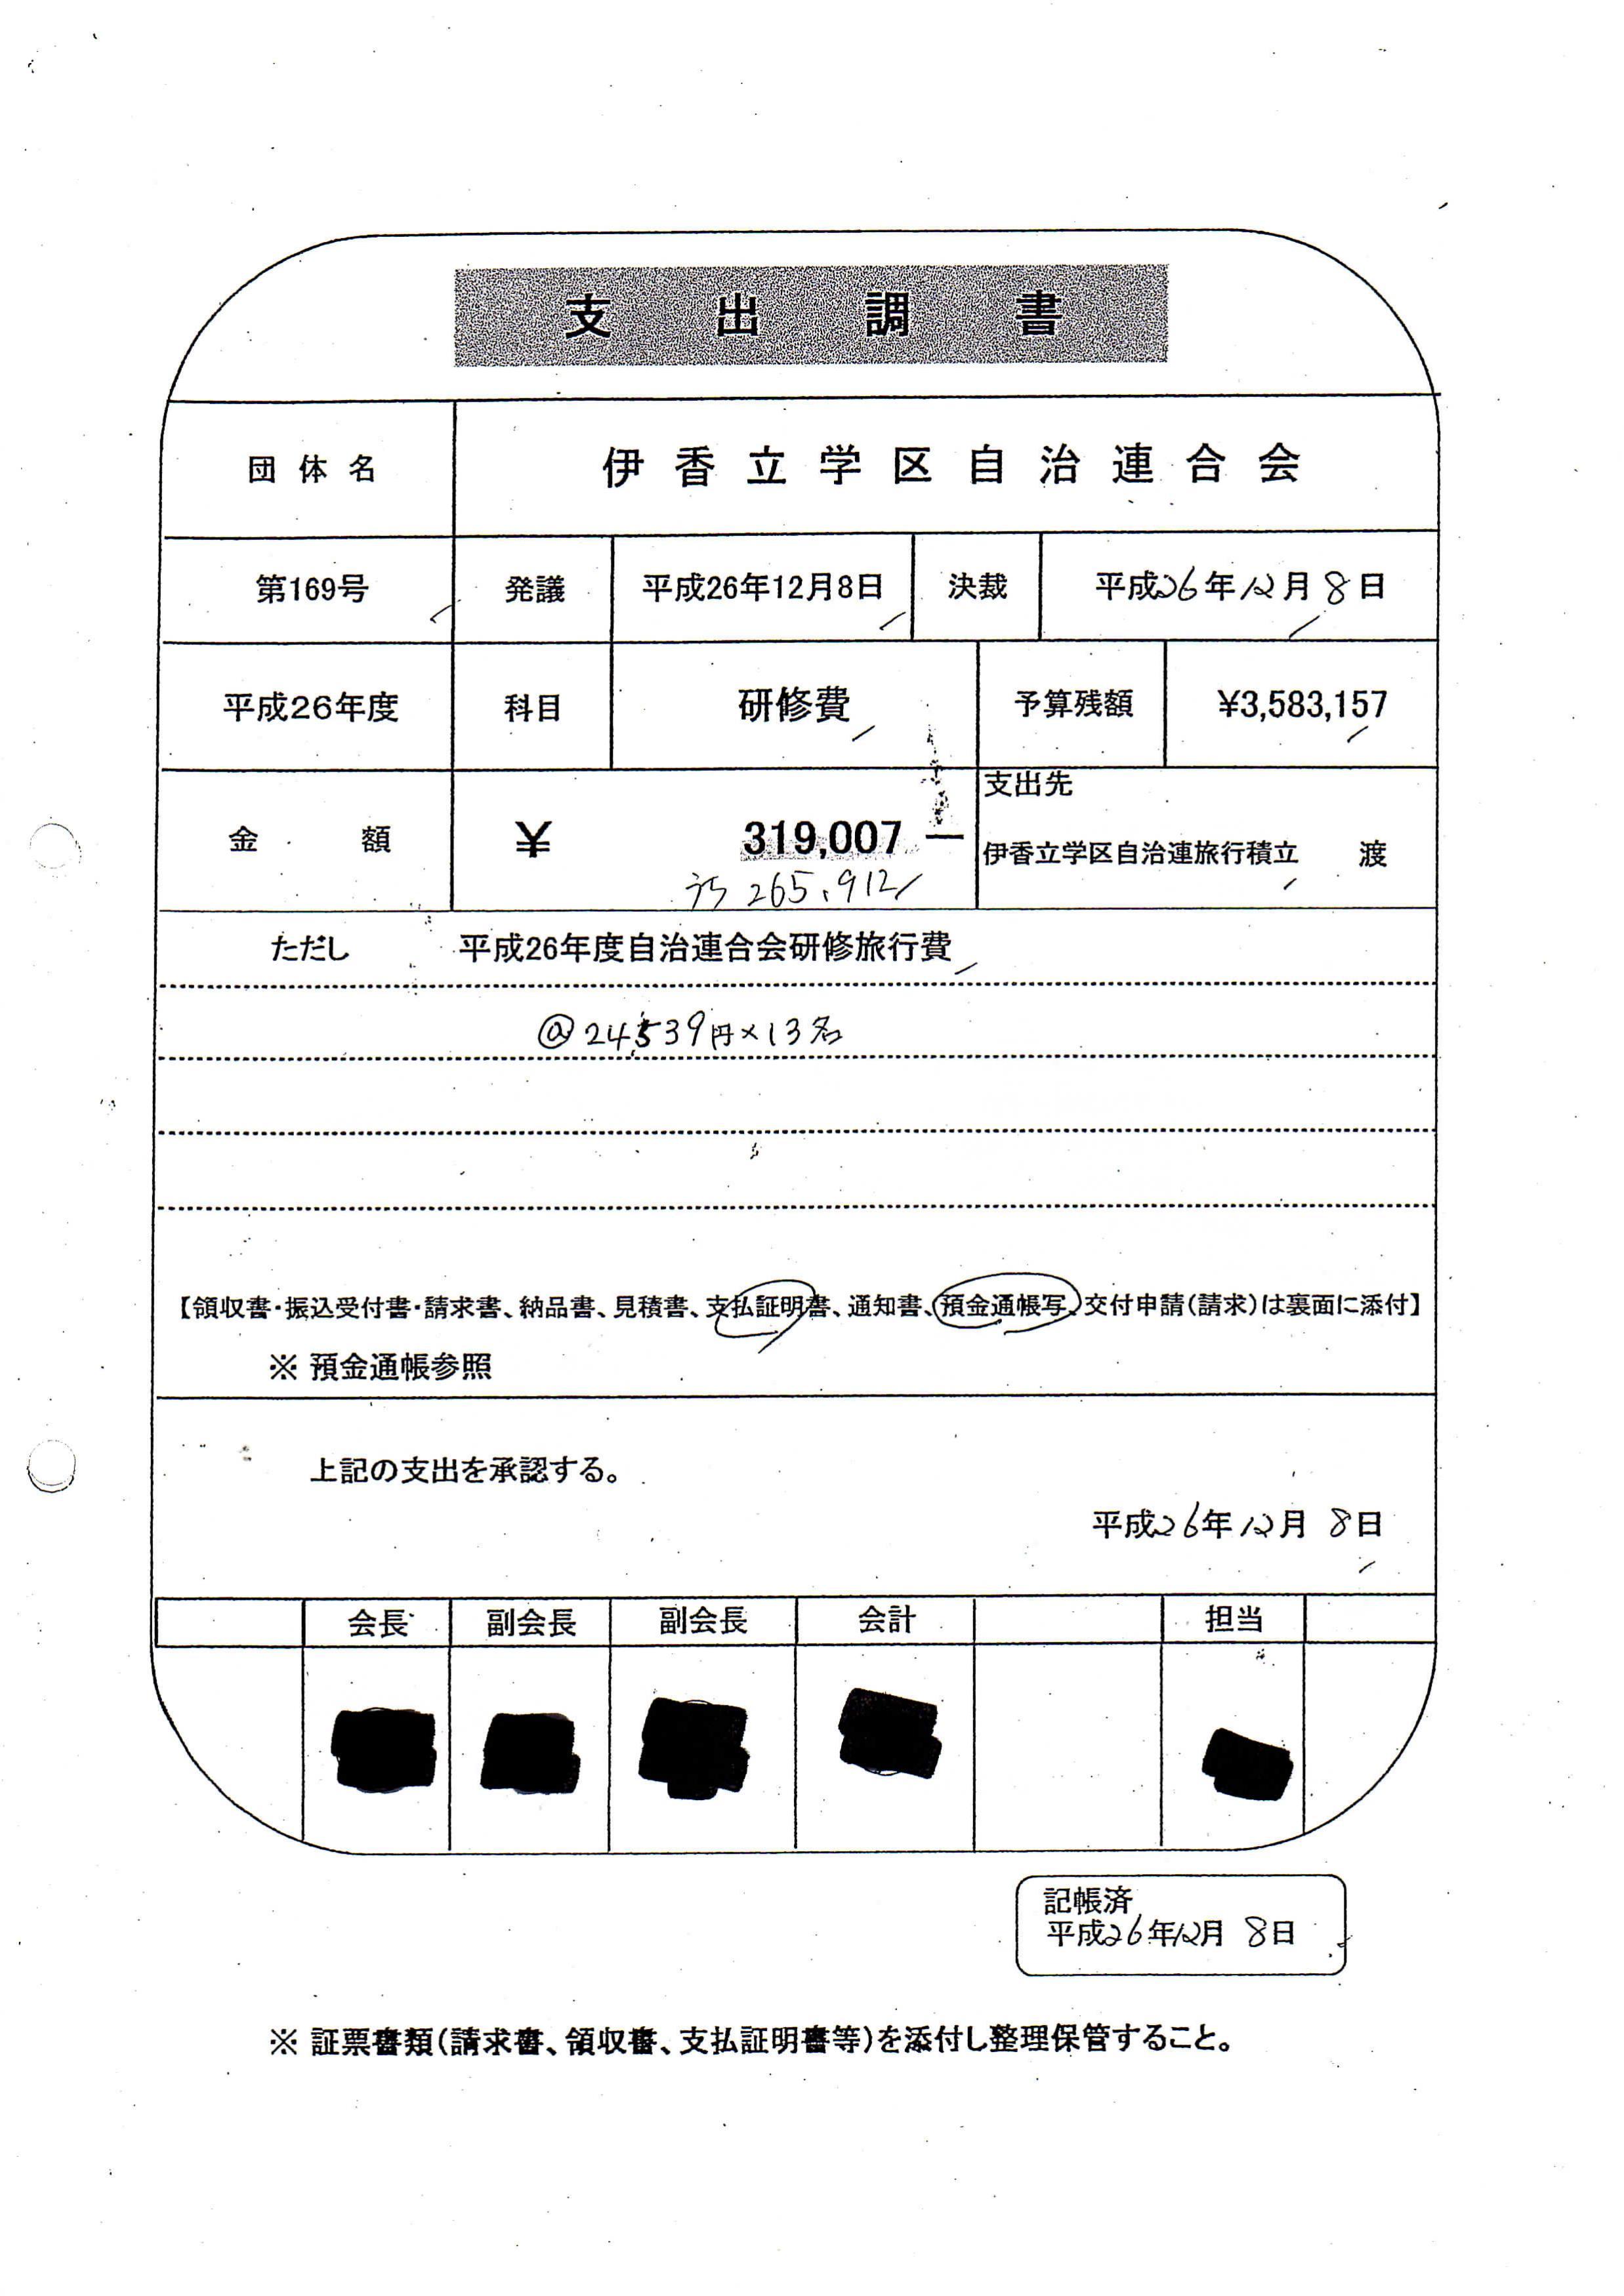 2014年伊香立学区自治連合会(研修旅行費)_02